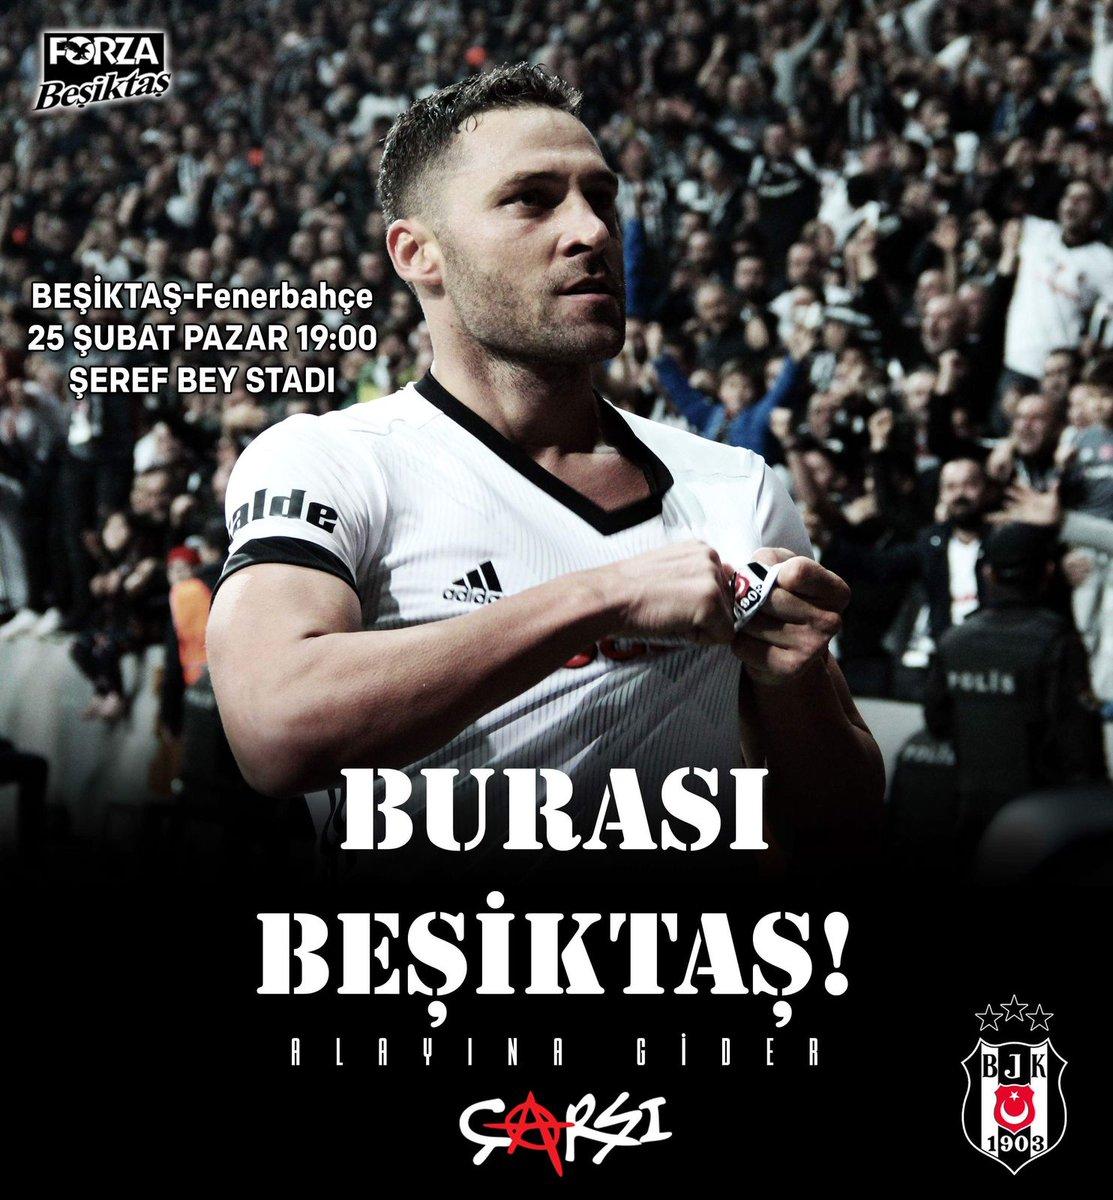 Beşiktaş hiçbir şeye değişilmezsin. http...